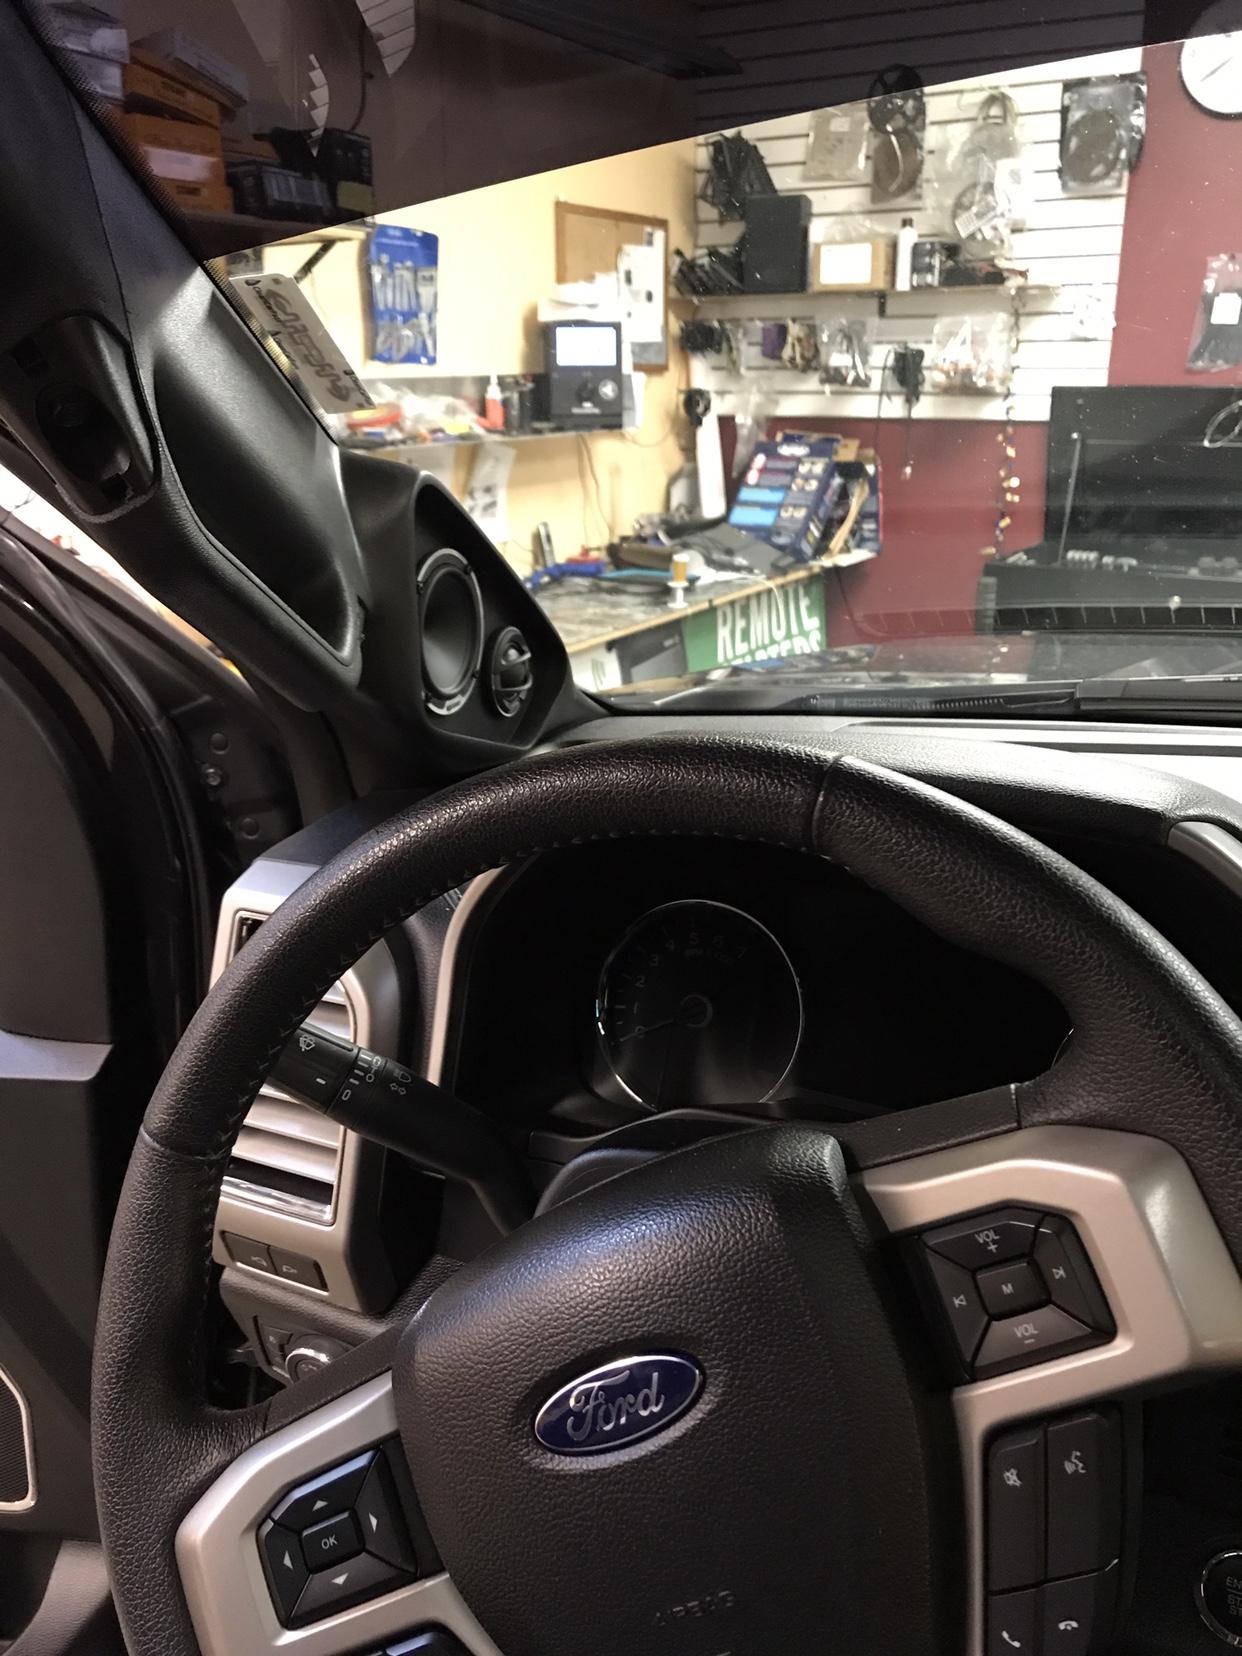 2016 Ford F150 Lariat FX4 Build - Car Audio | DiyMobileAudio